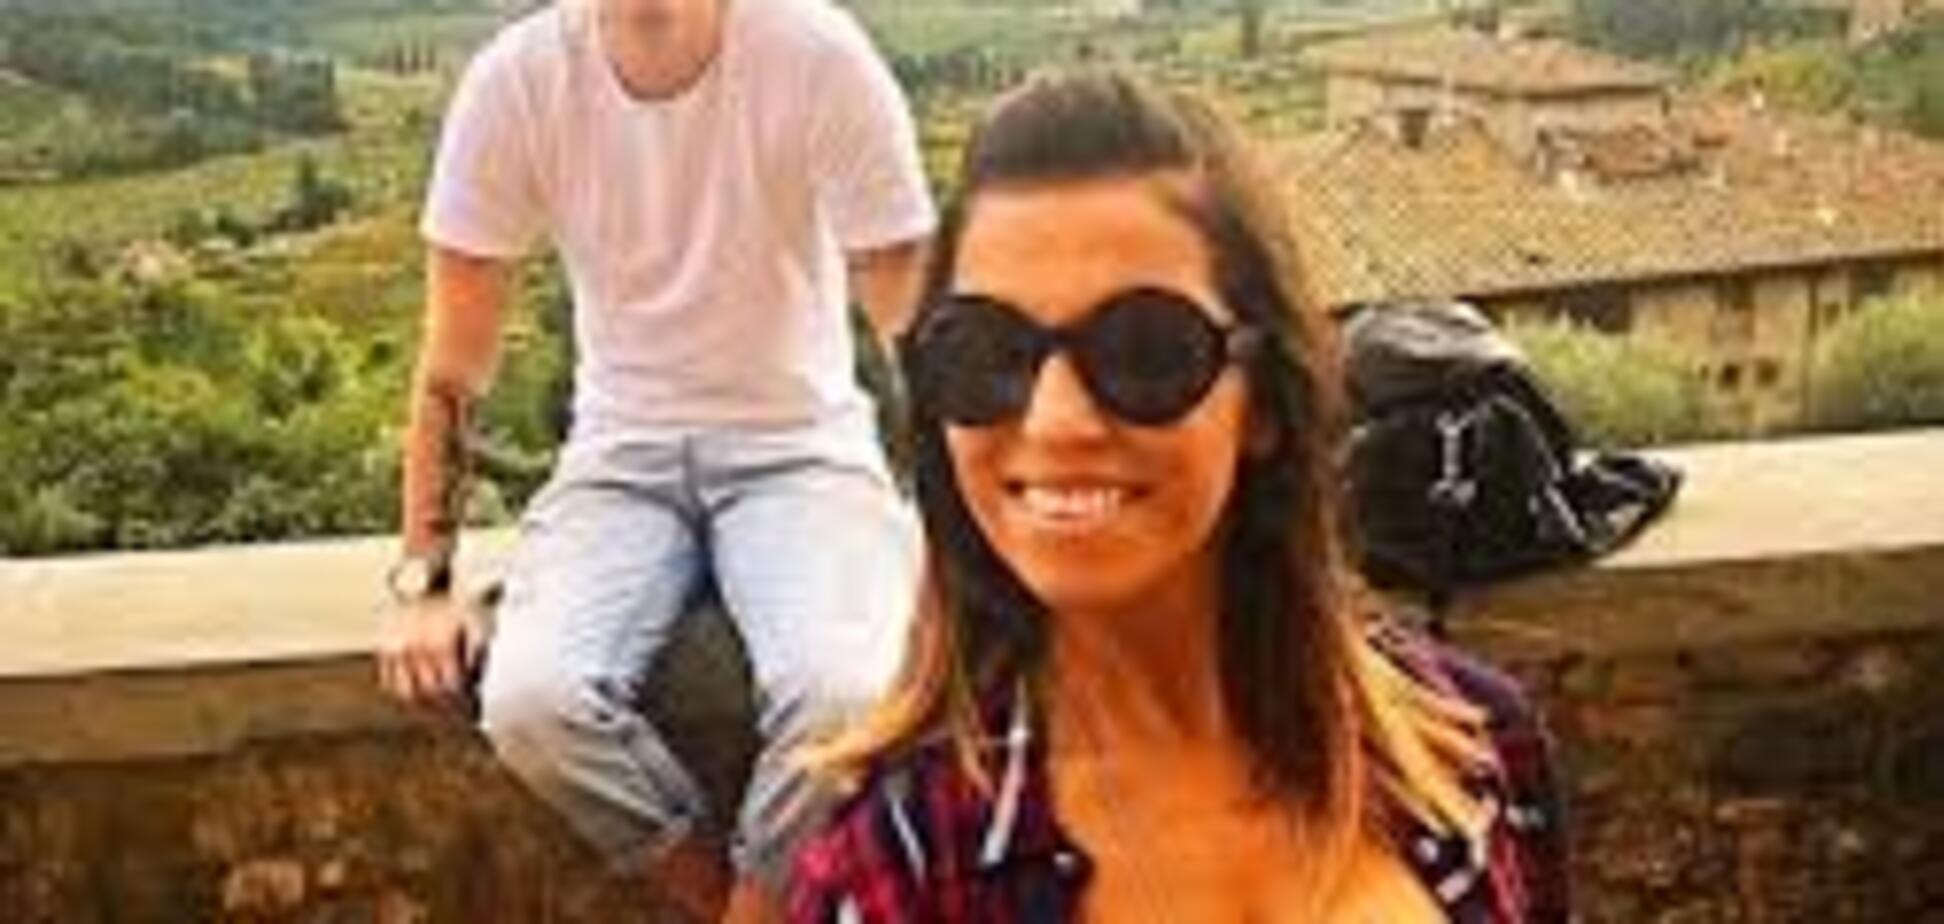 Італійський футболіст застрелив подругу і наклав на себе руки